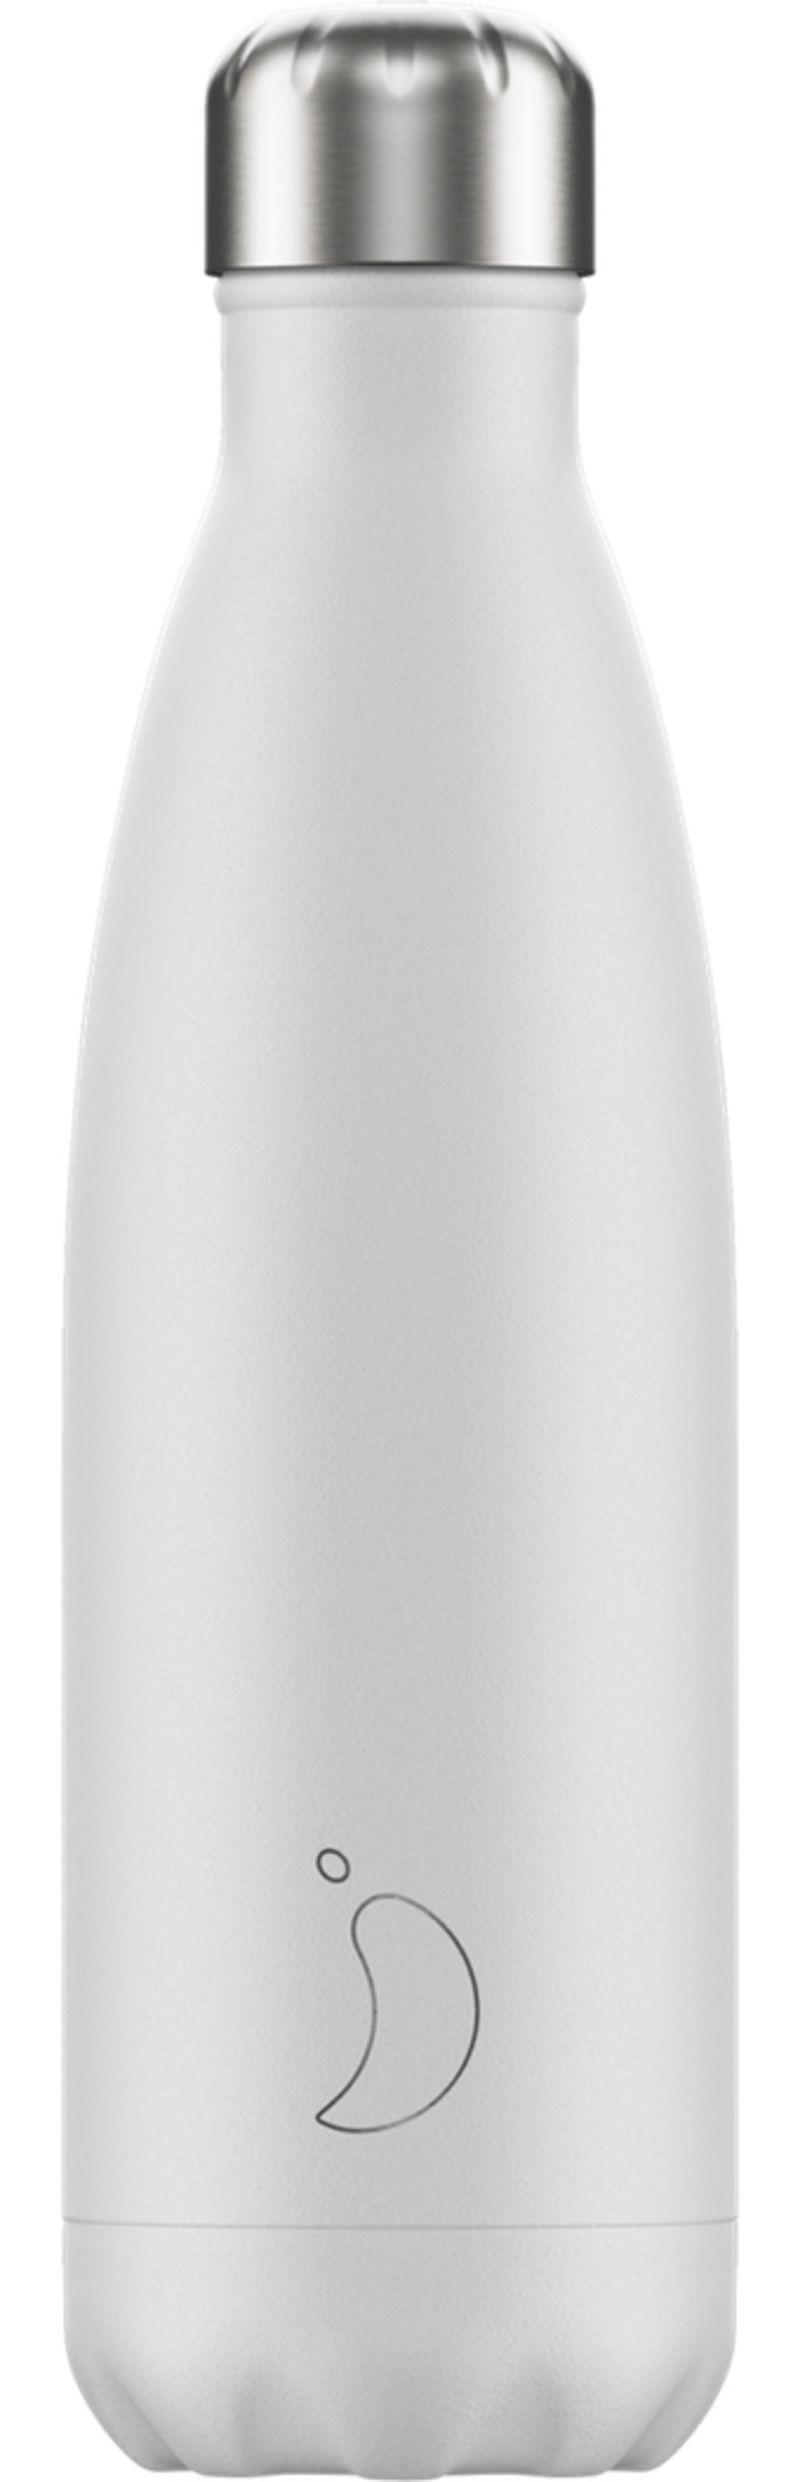 Botella Inox Blanco Mate 500ml -